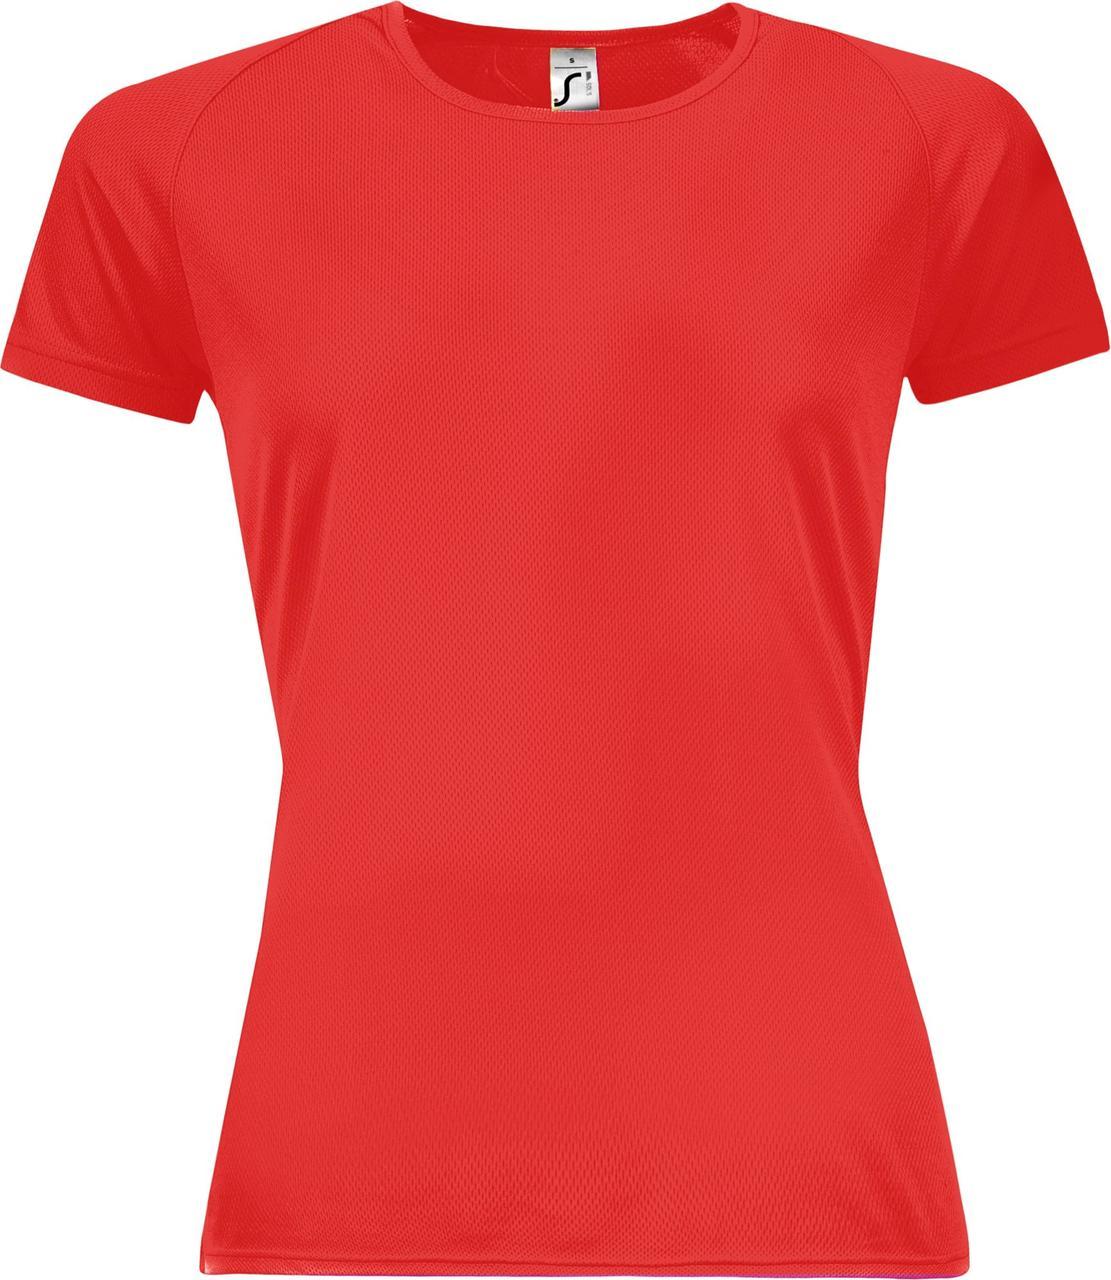 Футболка женская Sporty Women 140, красная (артикул 01159145)